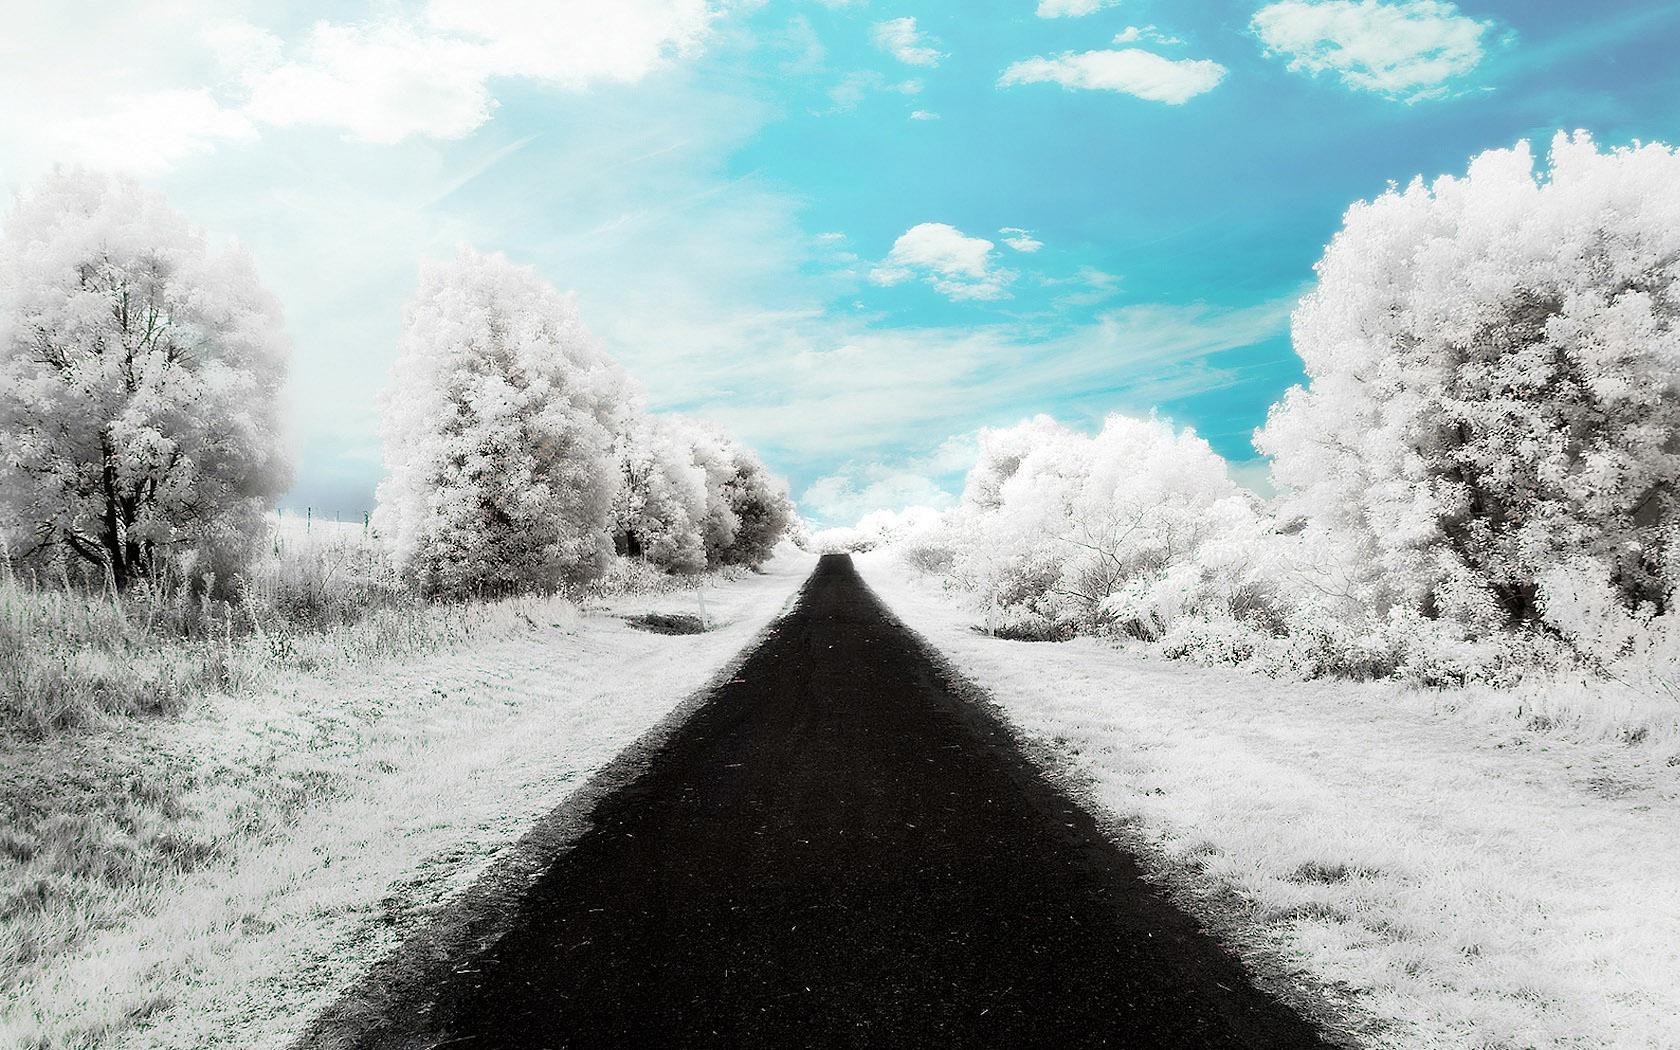 teli_winter_hatterkepek_119